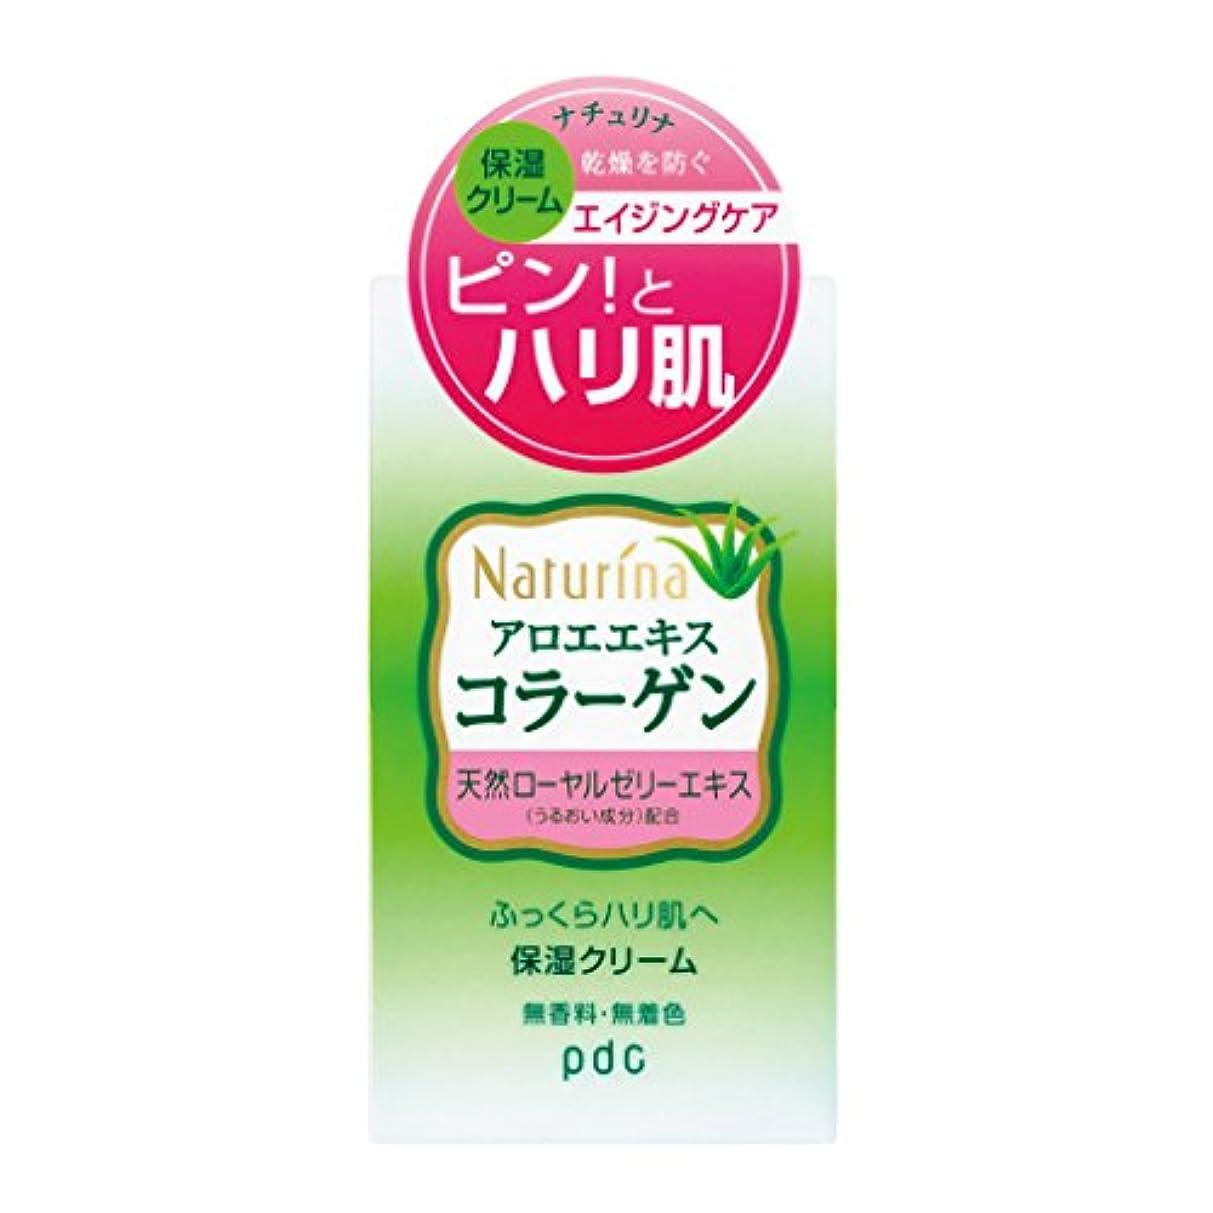 導出マラドロイトナイトスポットナチュリナ 保湿クリーム 60g